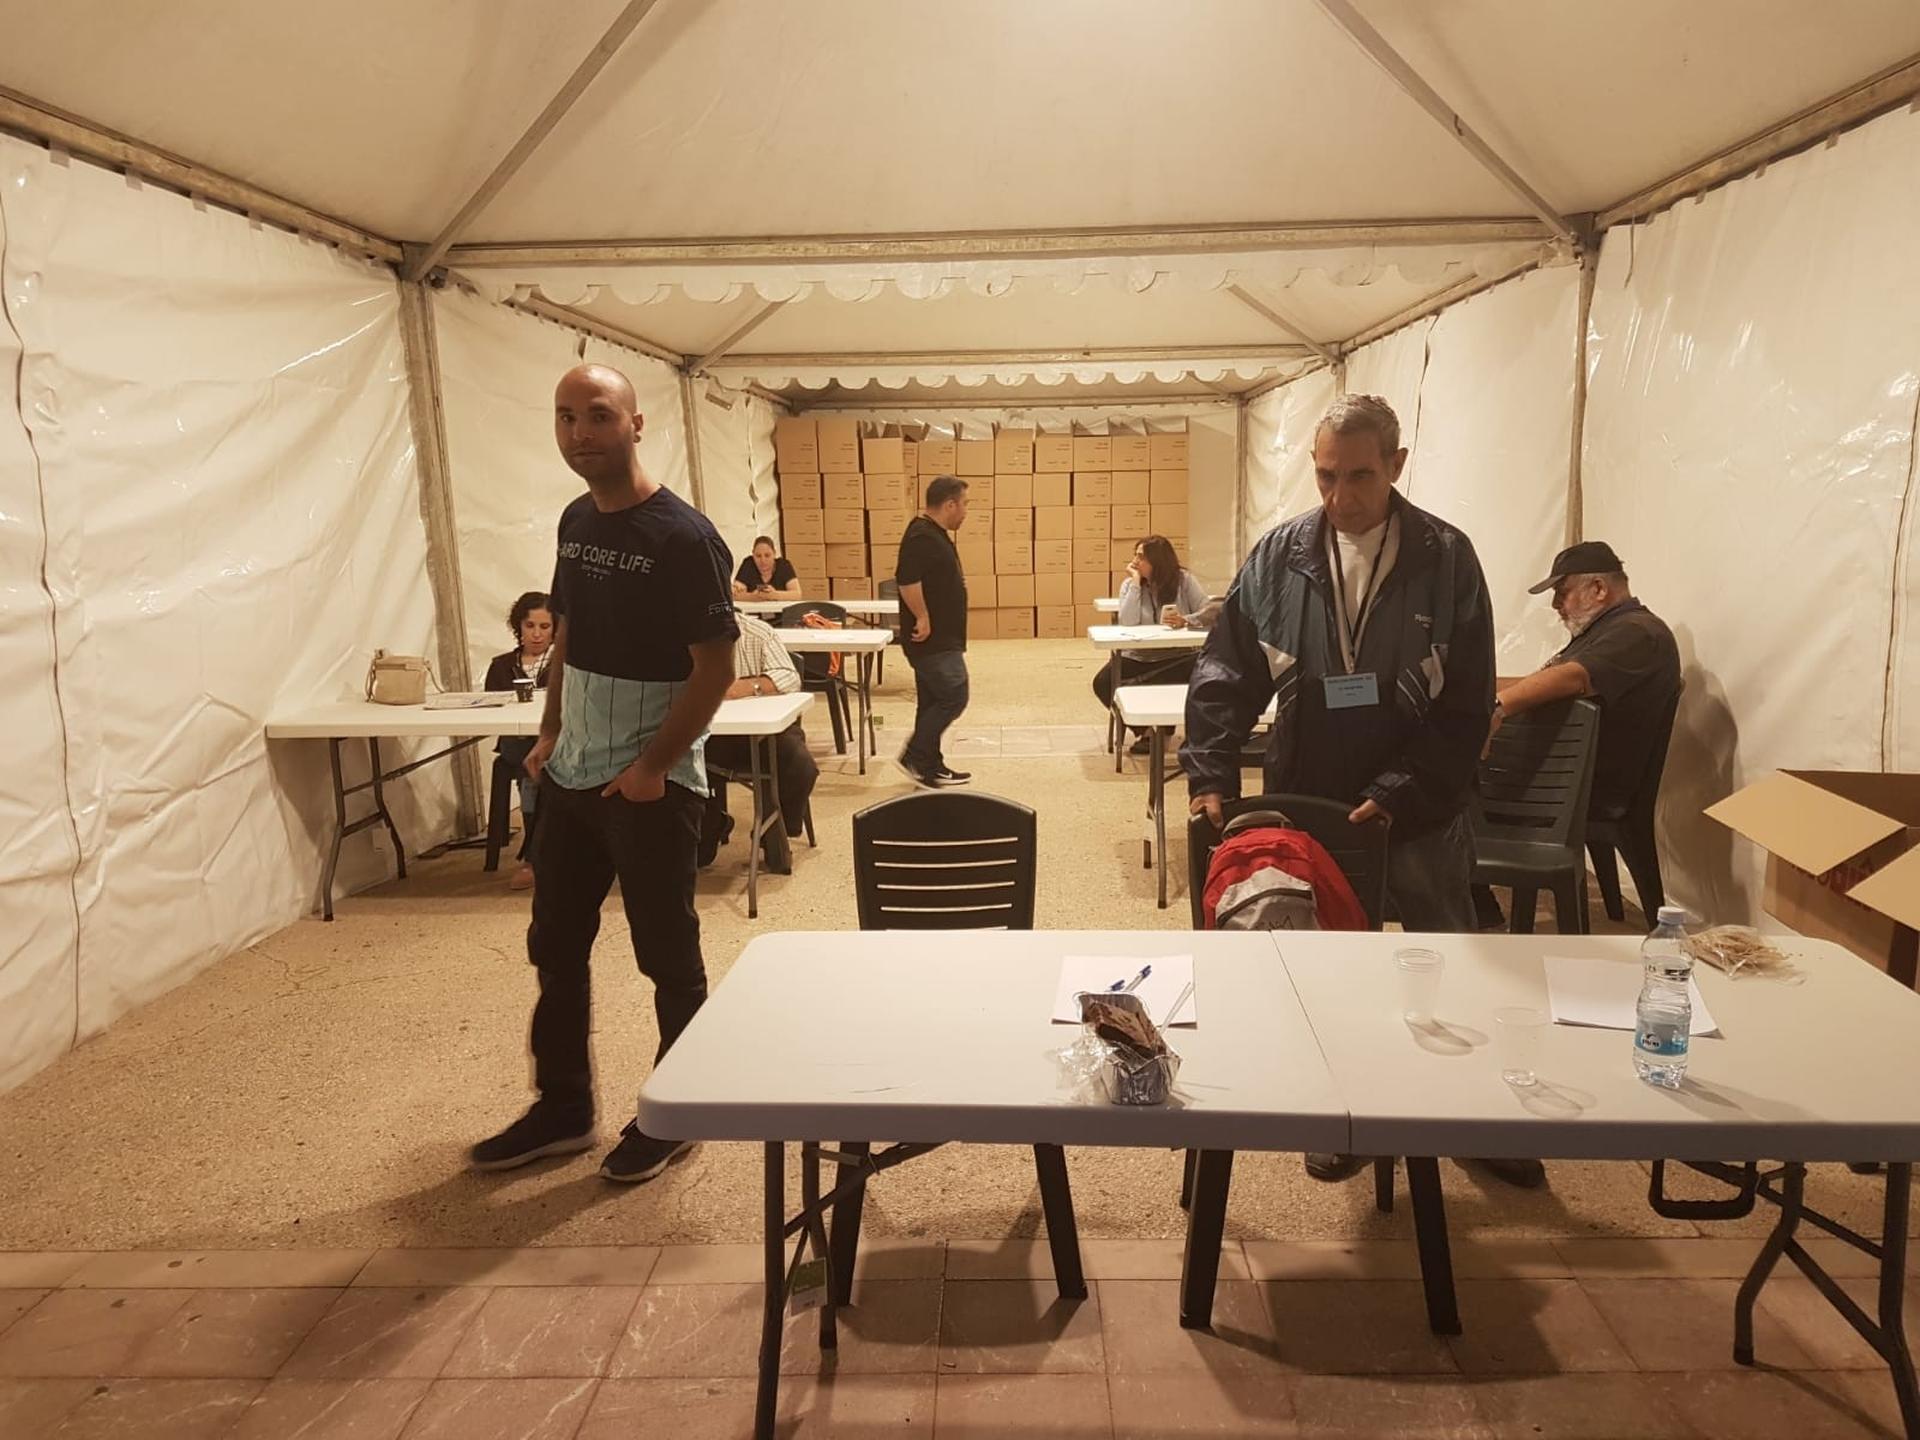 אוהל הספירה מוכן לפעולה   צילום: אביגיל קדם